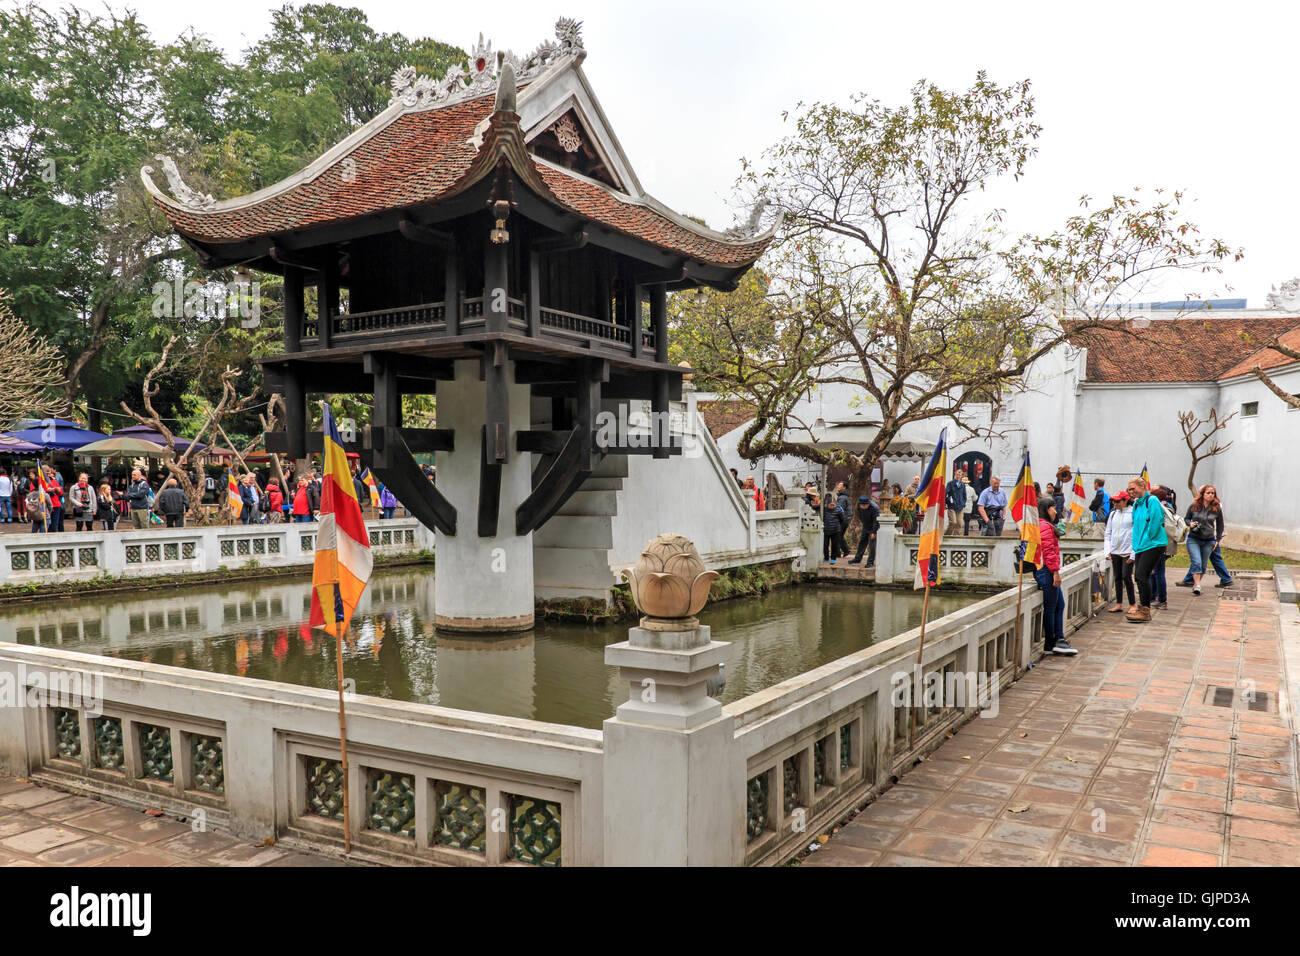 Hanoi, Vietnam - February 23, 2016: Tourists visiting the One Pillar Pagoda of Hanoi in Vietnam Stock Photo